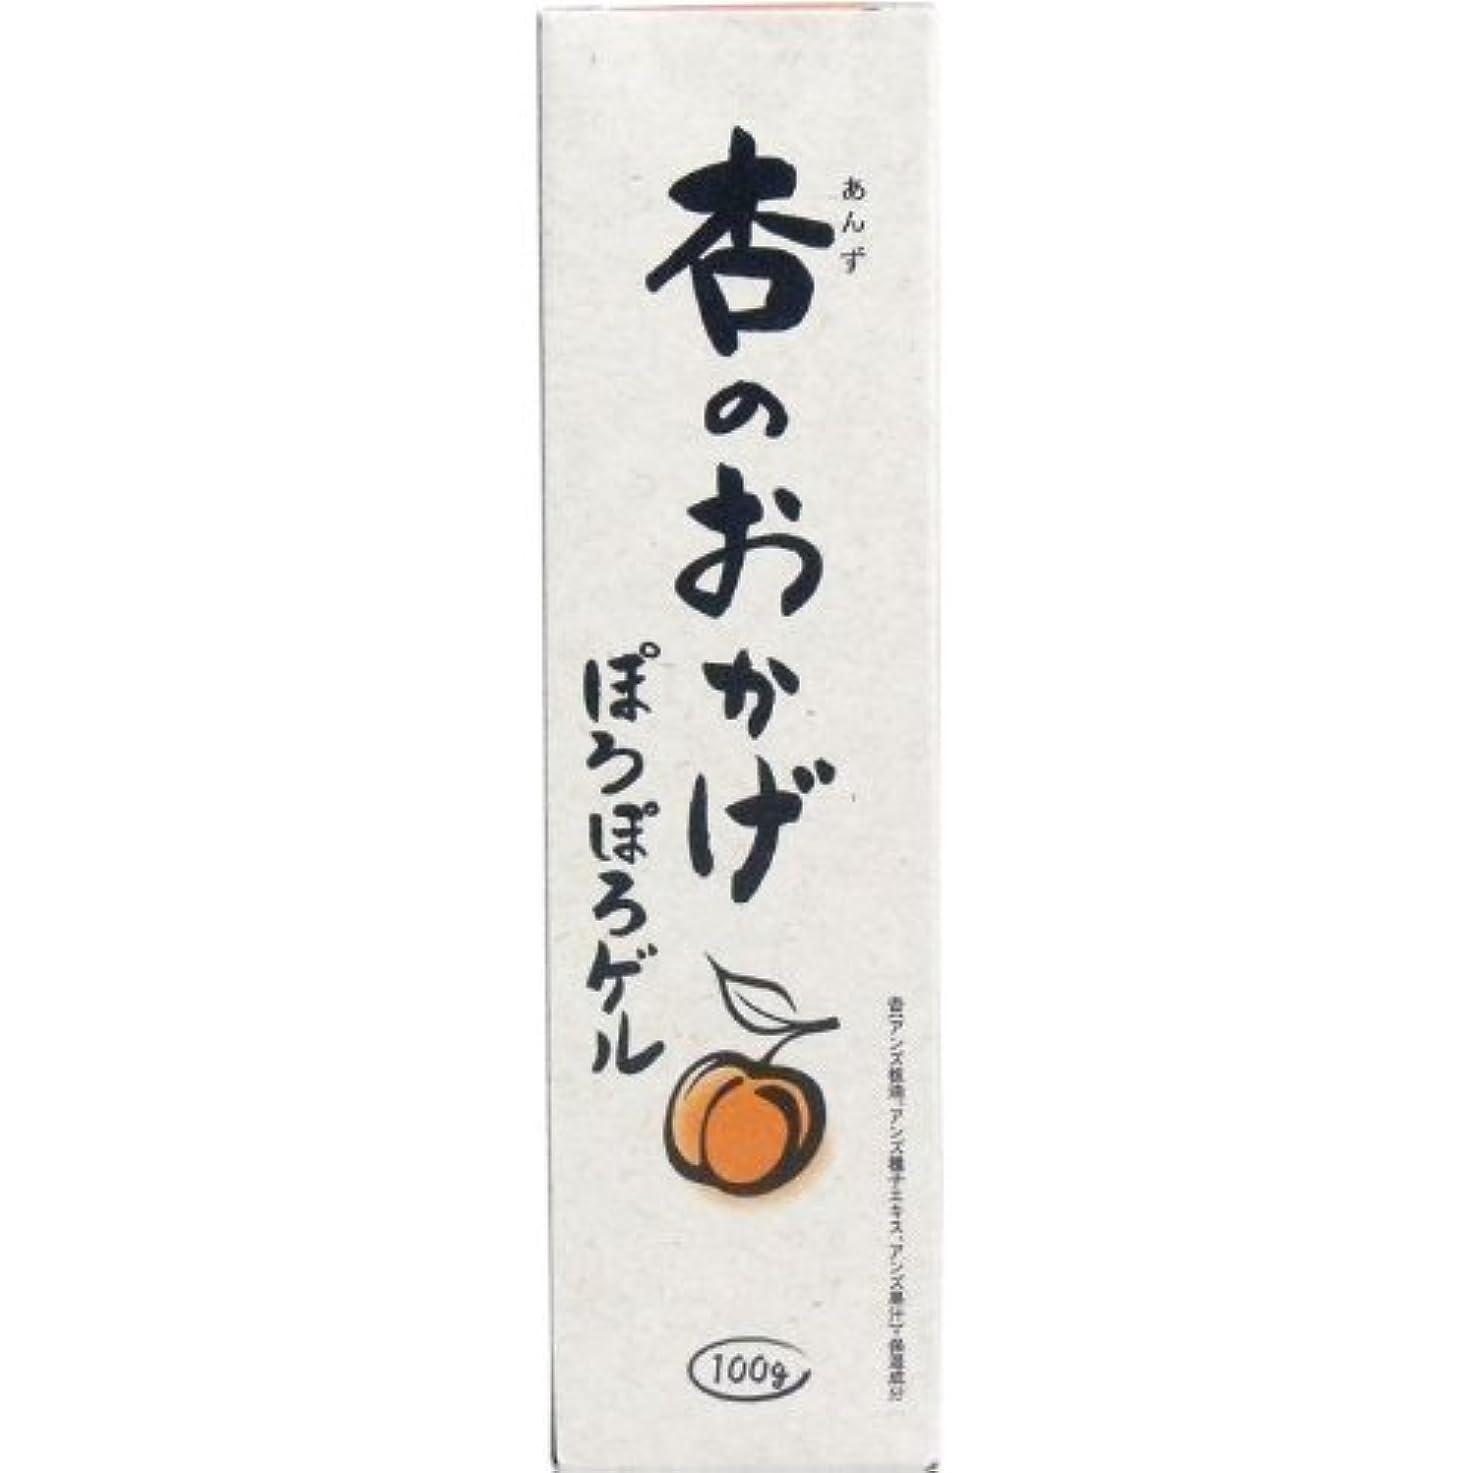 のホスト入り口マウスピース杏のおかげ ぽろぽろゲル 100g【2個セット】